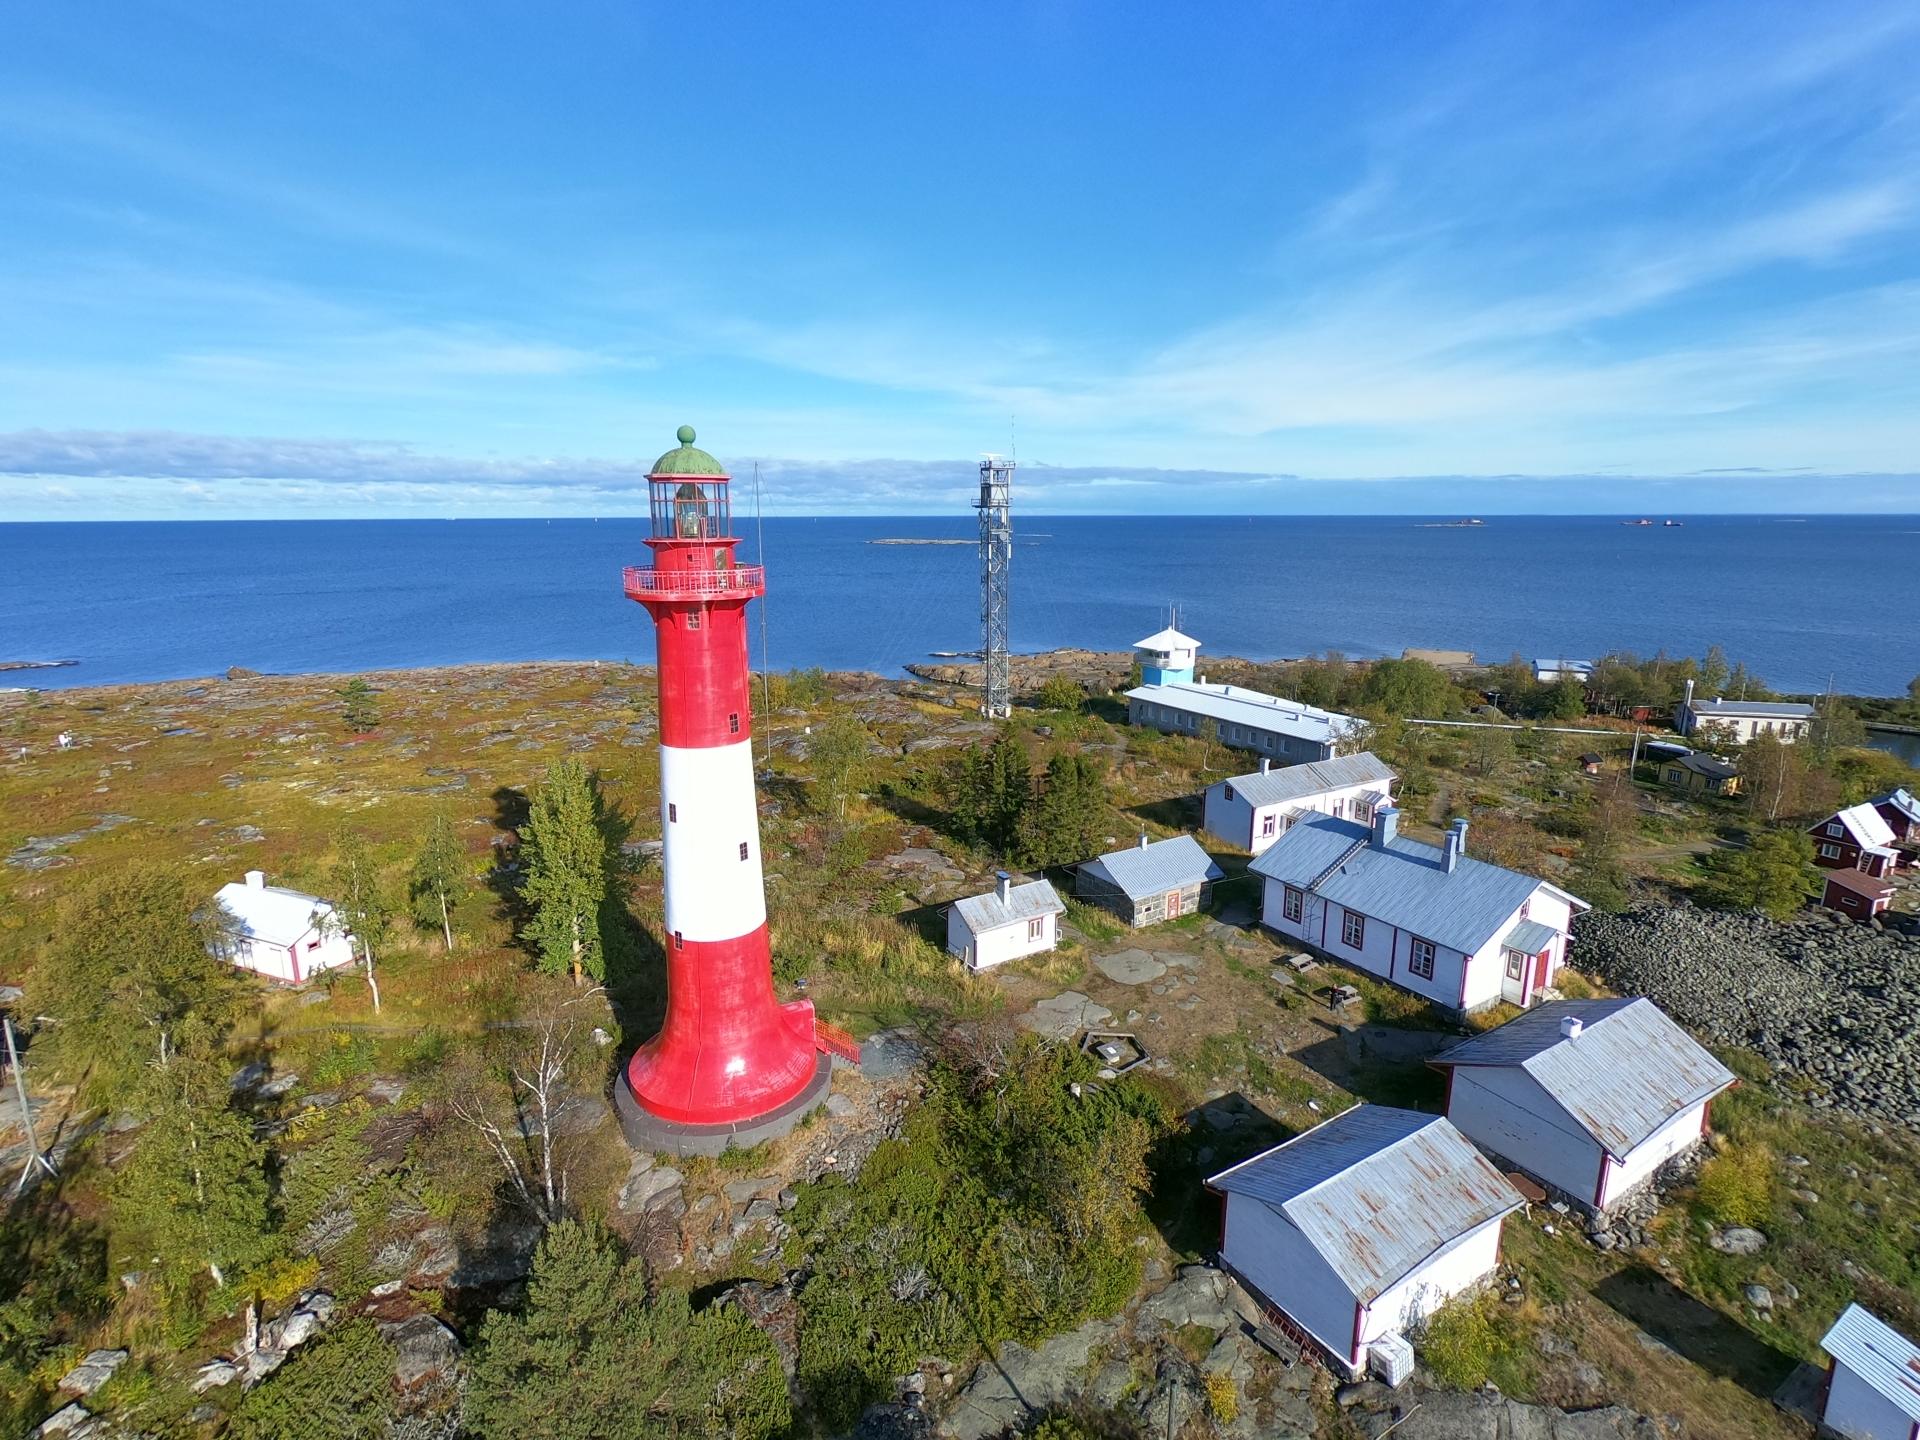 Tankarin majakkasaaren ilmakuvassa on vihreää luontoa ja valkoisia rakennuksia. Puna-valkea majakka hallitsee kokonaisuutta ja taustalla näkyy myös luotsiasema.